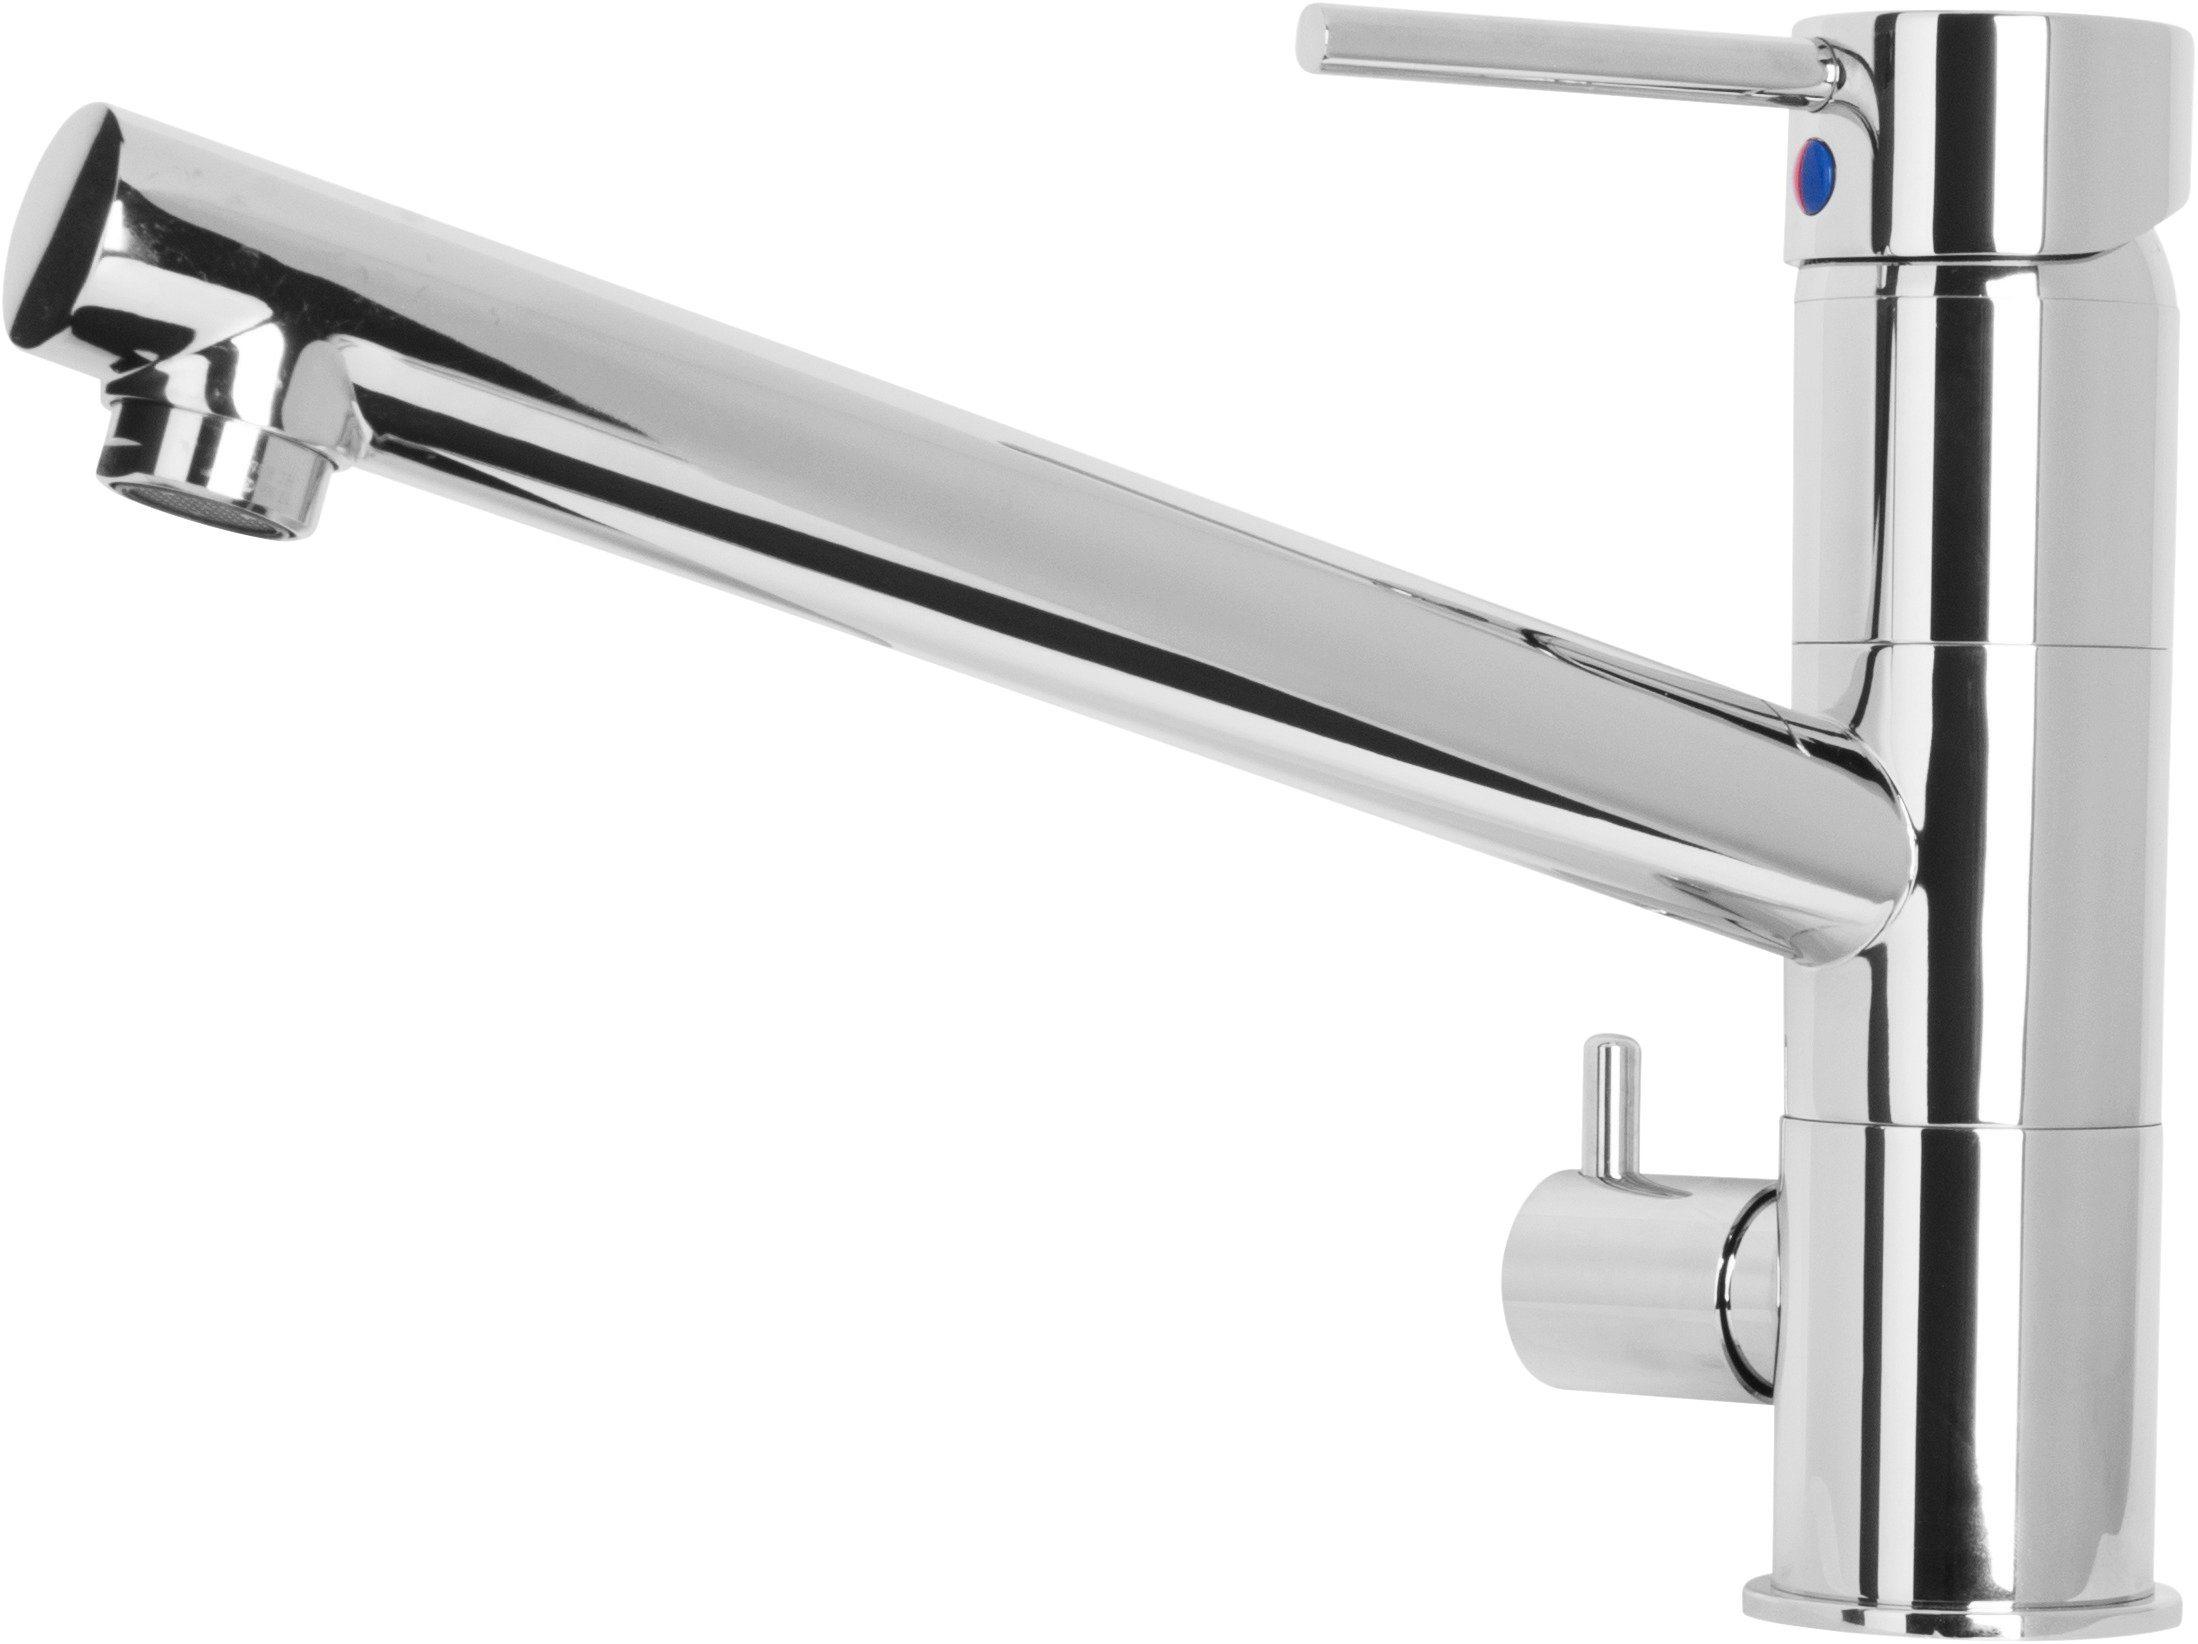 Spülenarmatur »ZELINA Einhebelmischer«, mit Maschinenanschluss